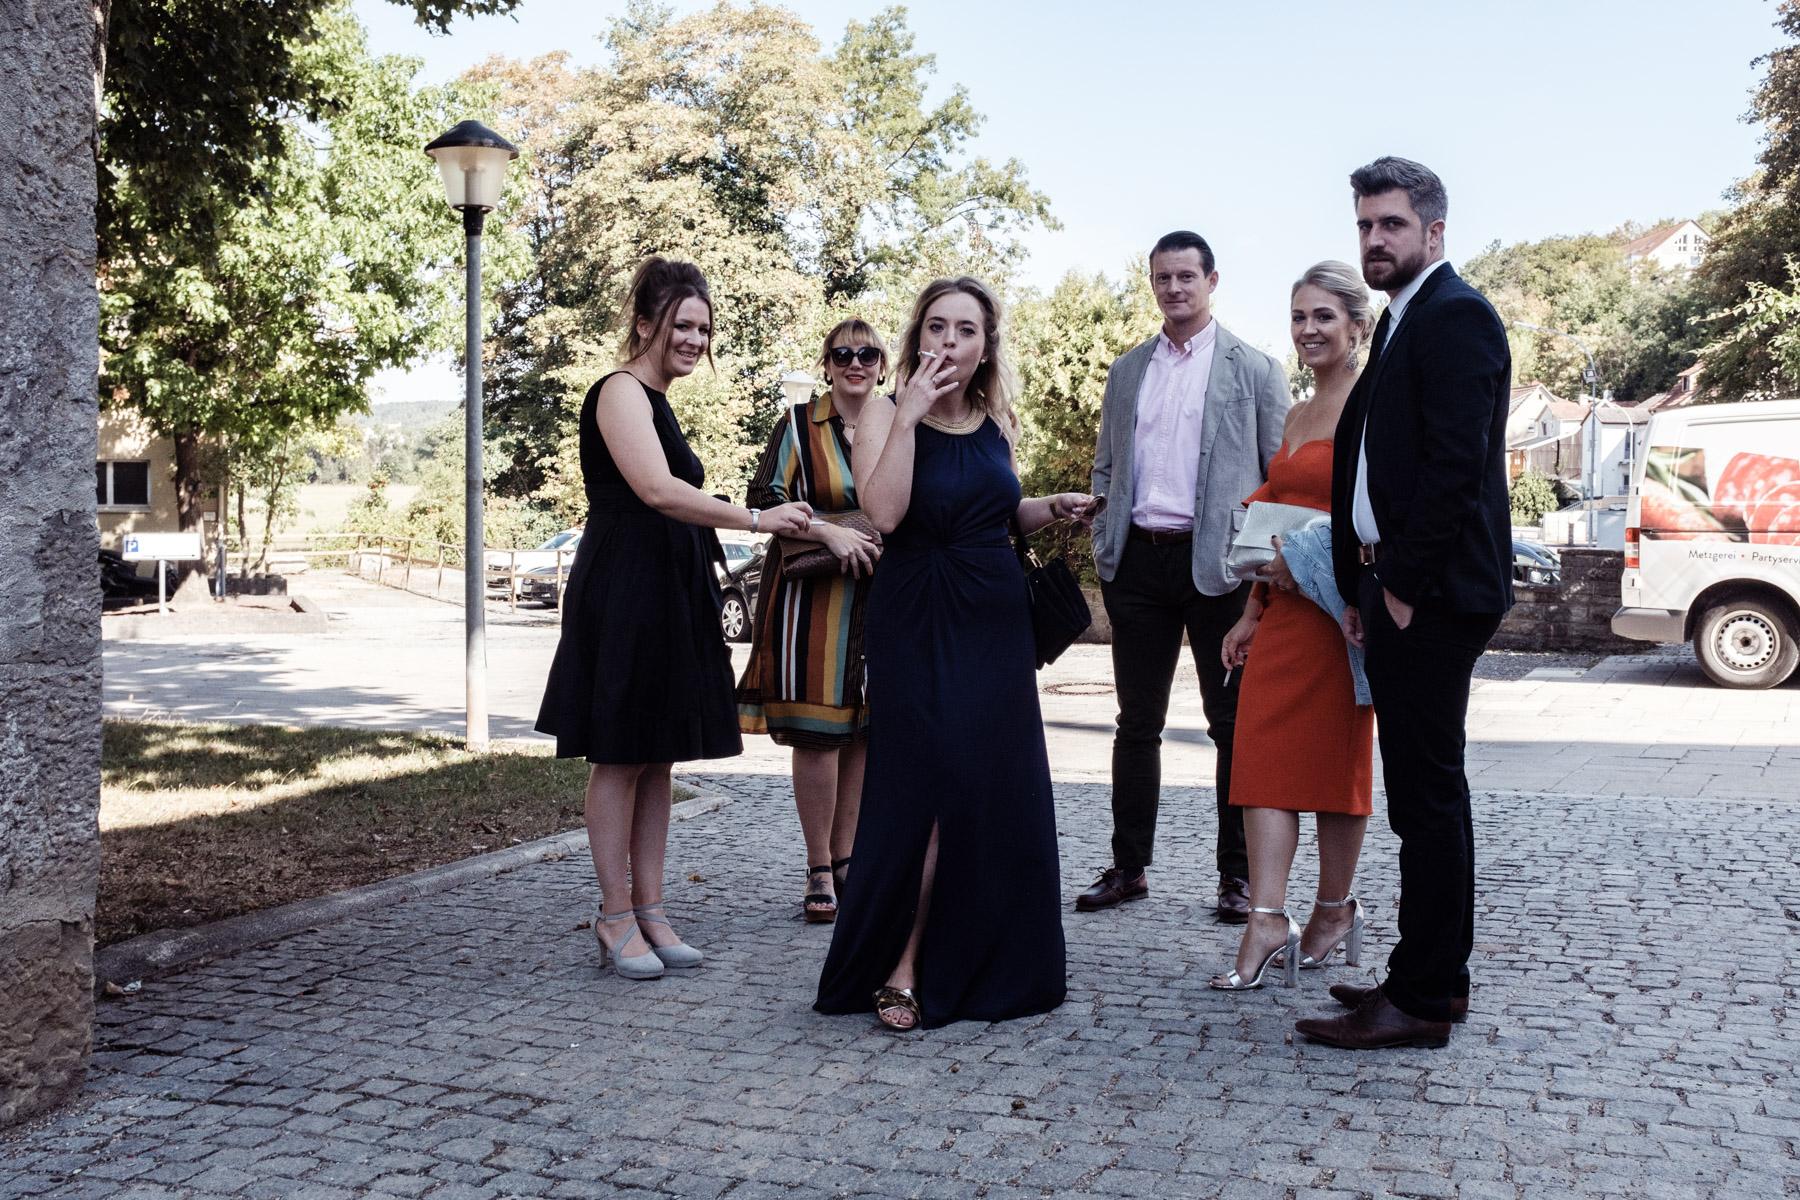 MartinLiebl_Kein_Hochzeitsfotograf_Blog_CWF_Bad_Neustadt_23.jpg